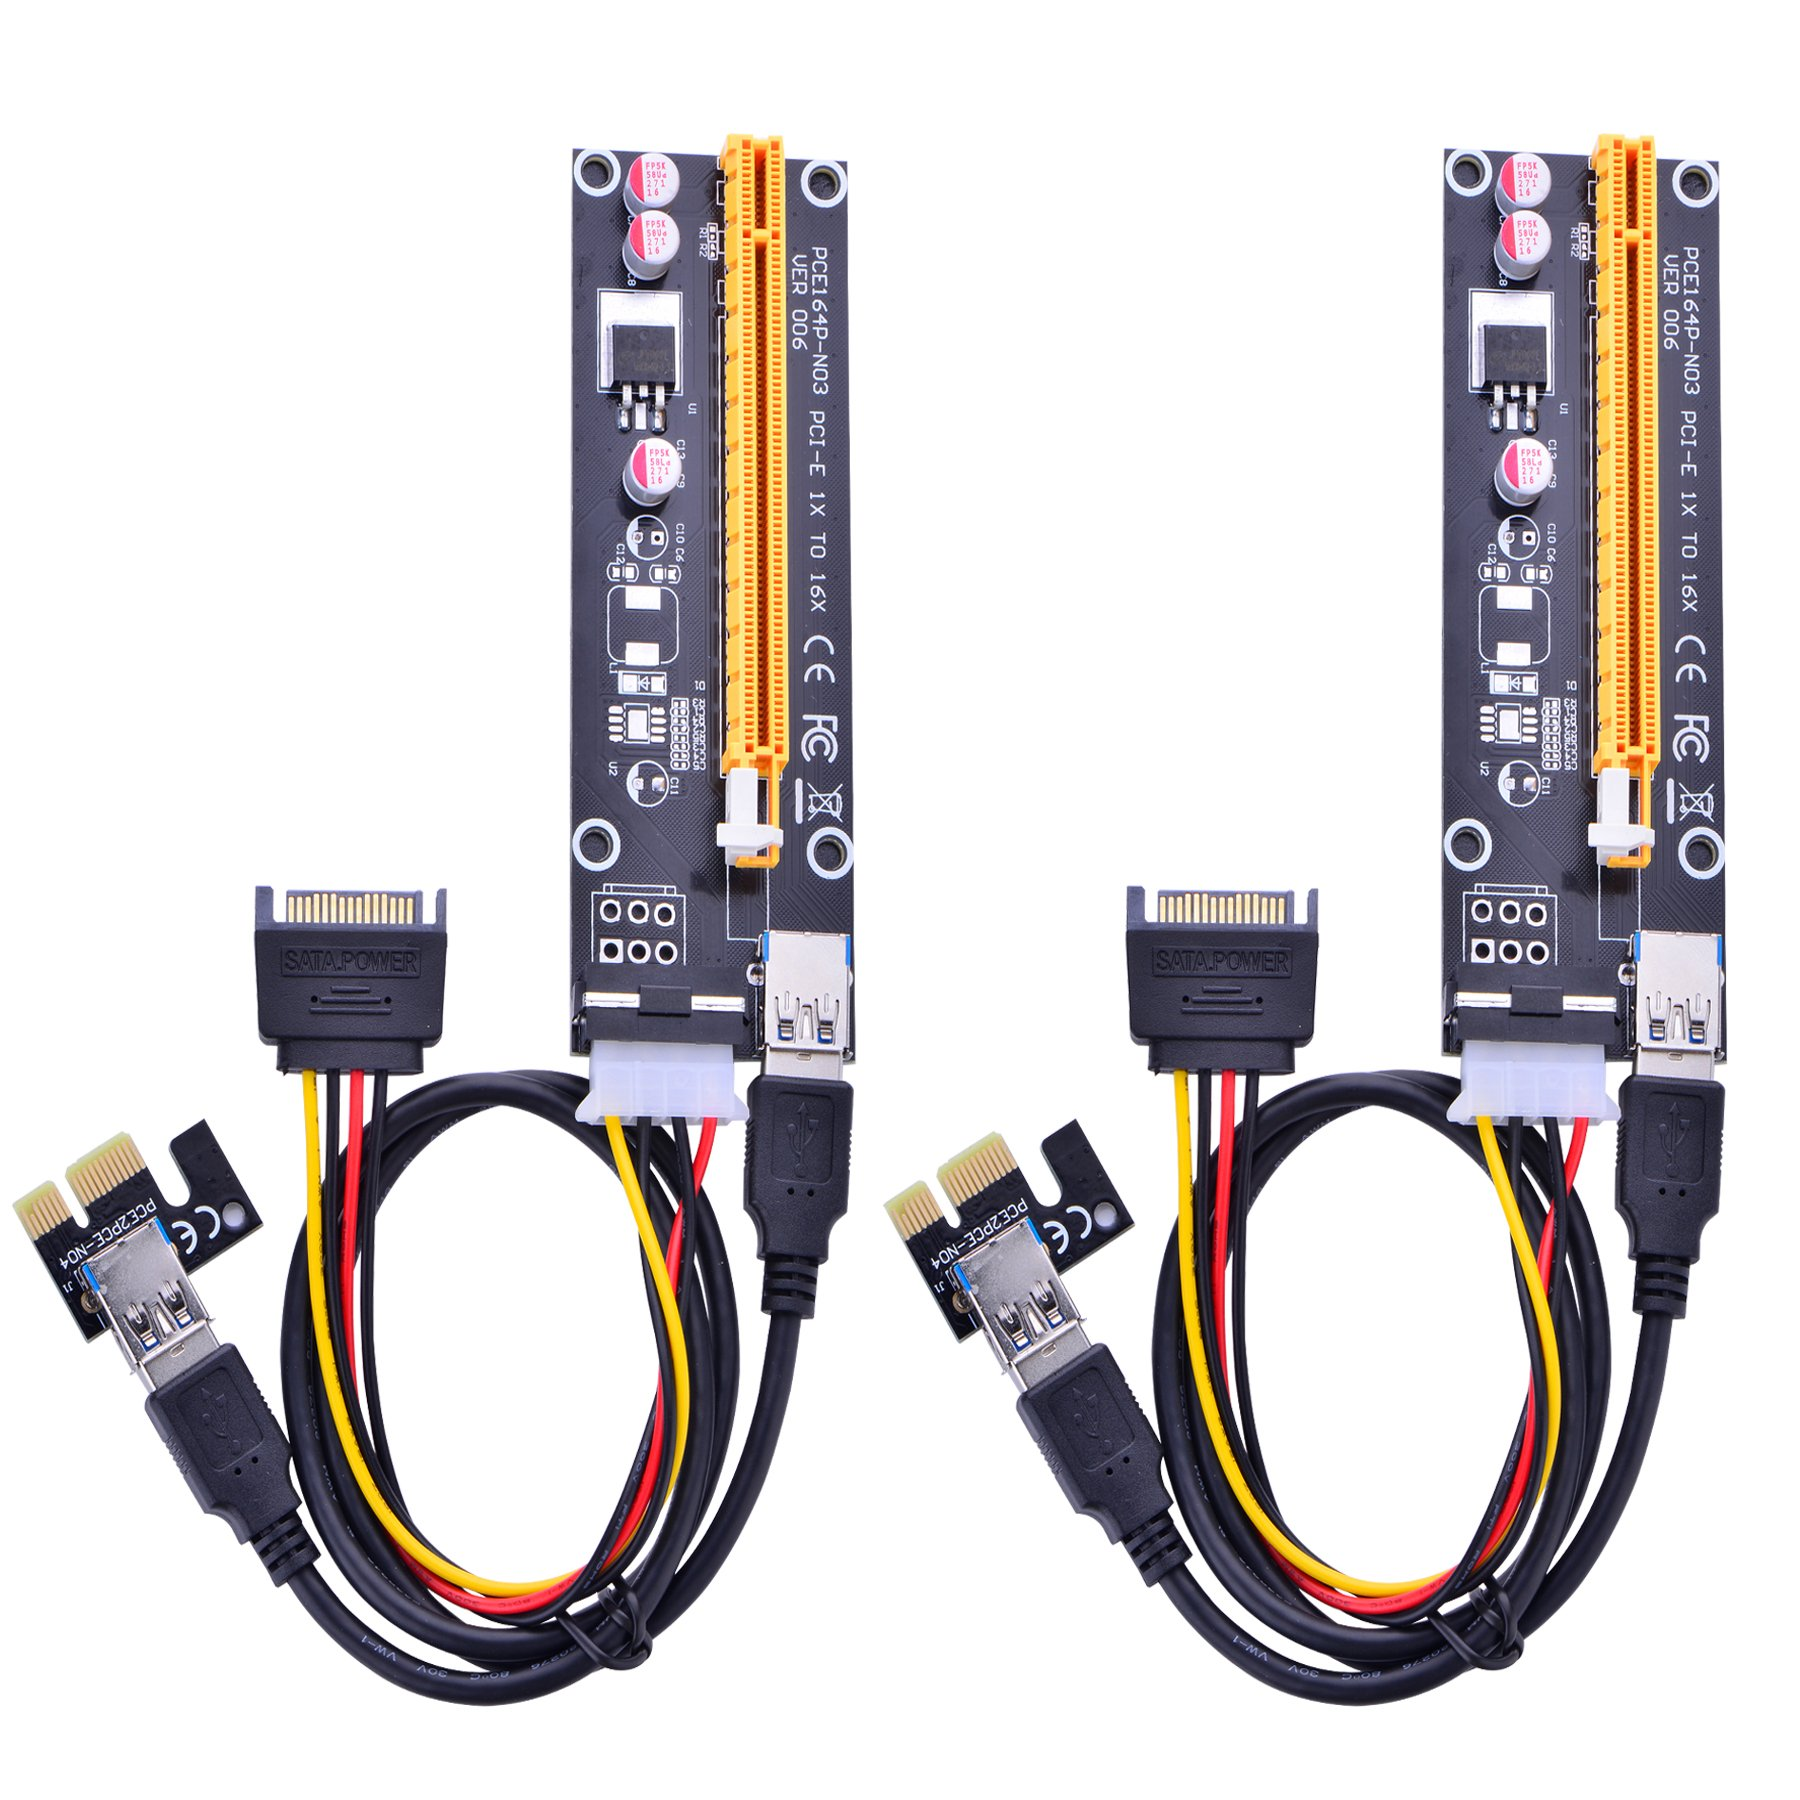 2 Pci-e Riser VER 006 Cripto mineria Con Cable Molex/SATA Op